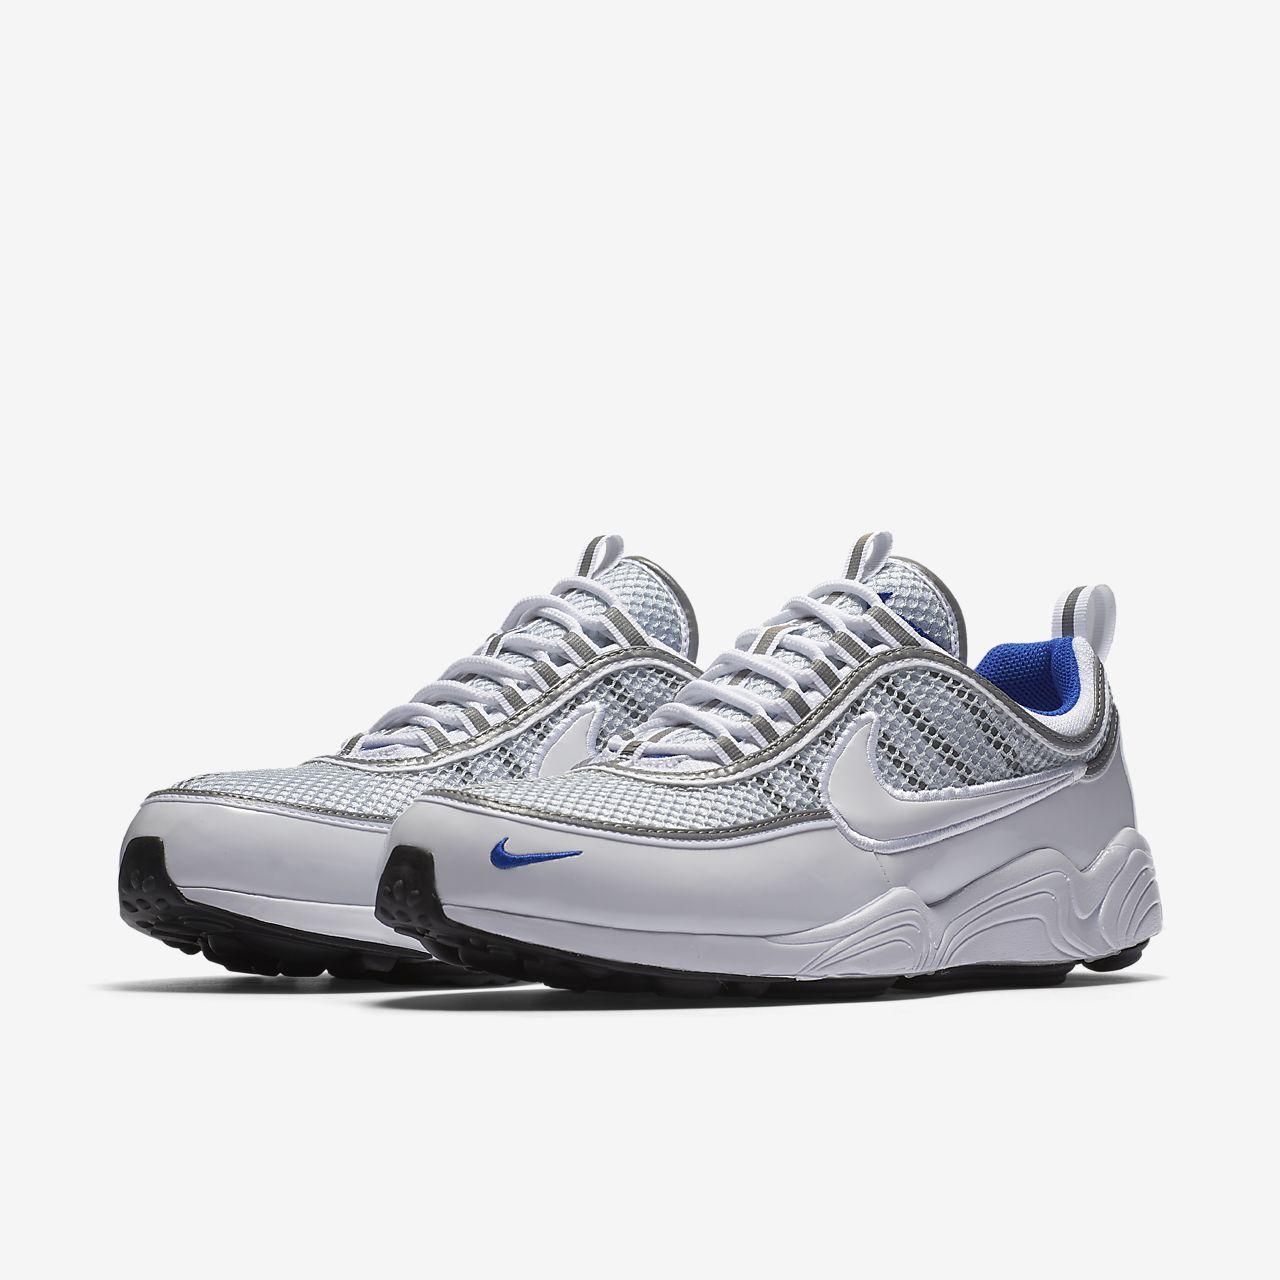 best website 4989e 88d9b ... Nike Air Zoom Spiridon 16 Mens Shoe